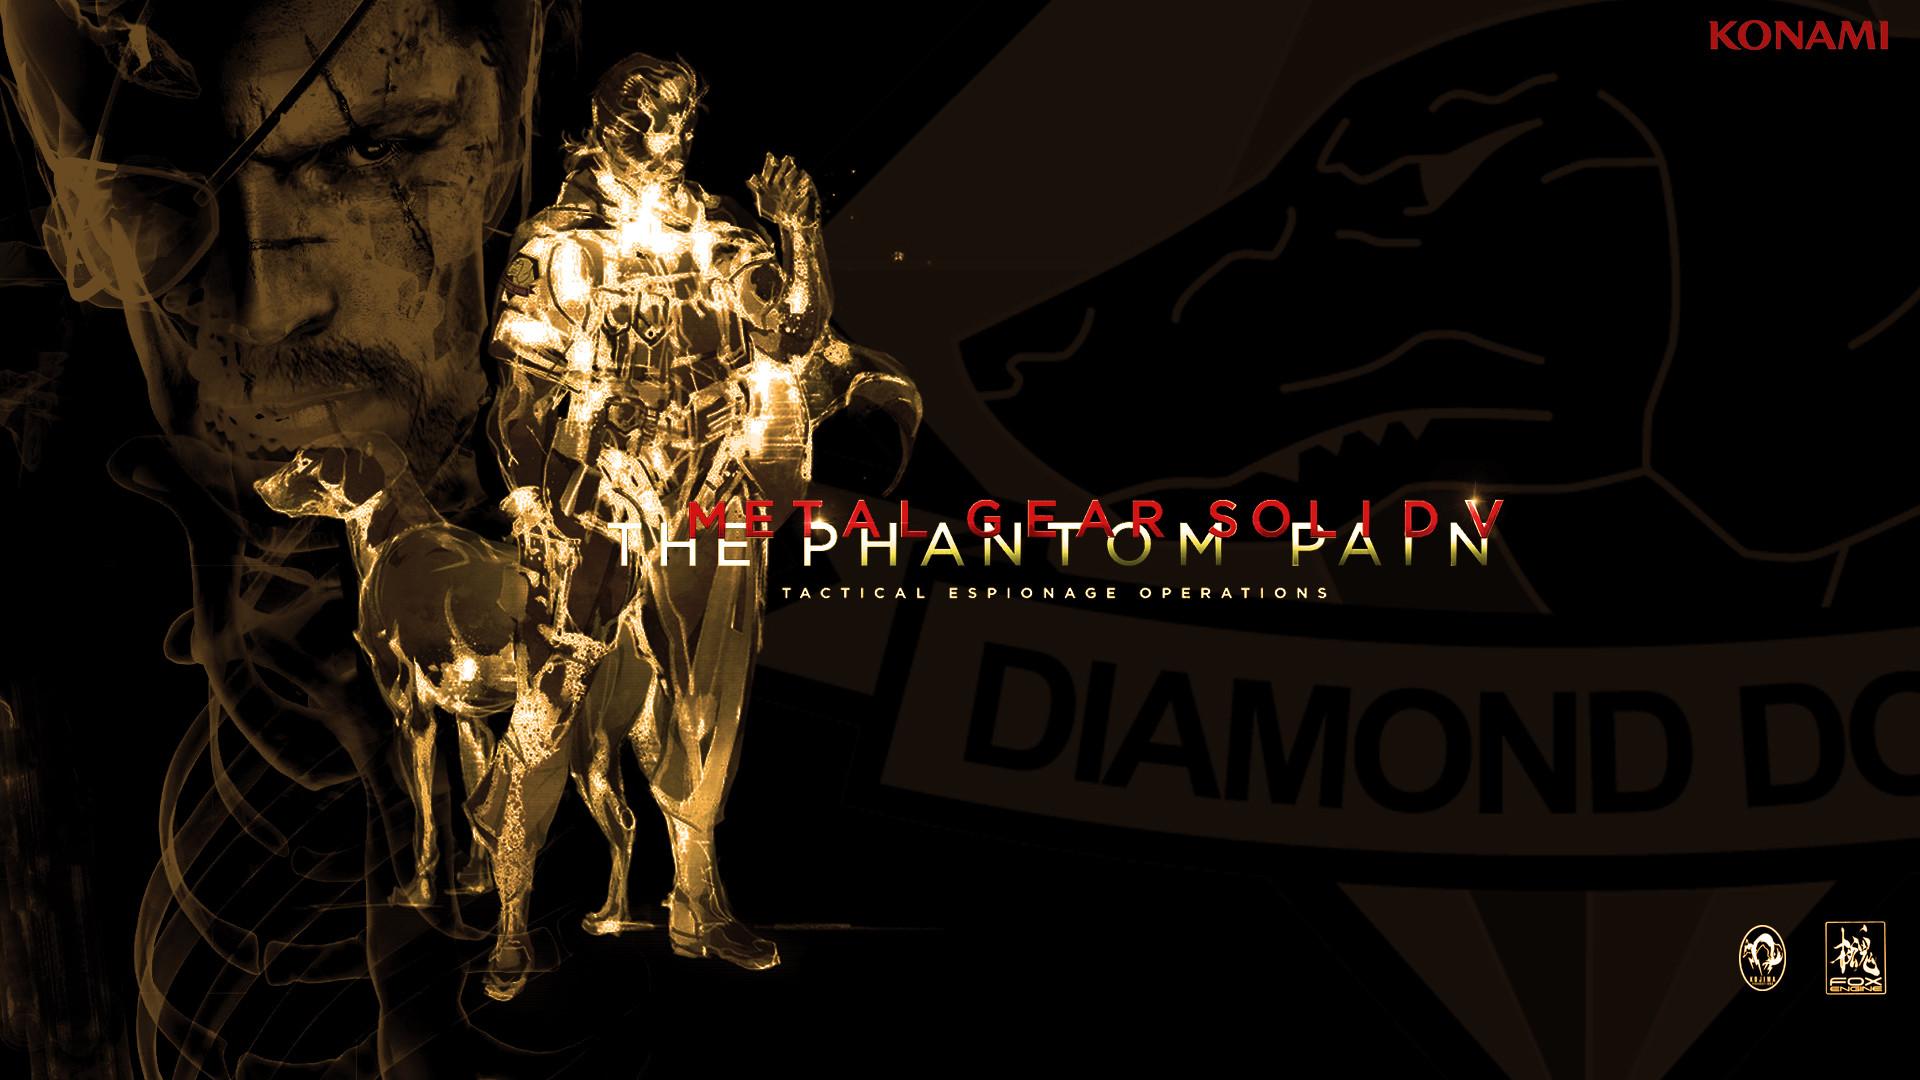 Metal Gear Solid 5 Wallpaper by Shagohod88 on DeviantArt